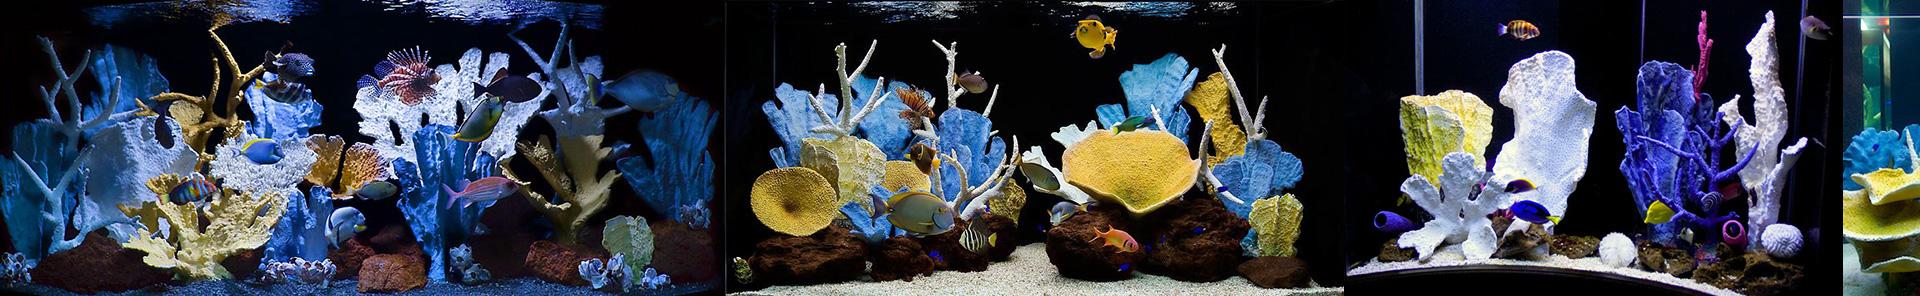 Искусственный коралловый риф в большом аквариуме